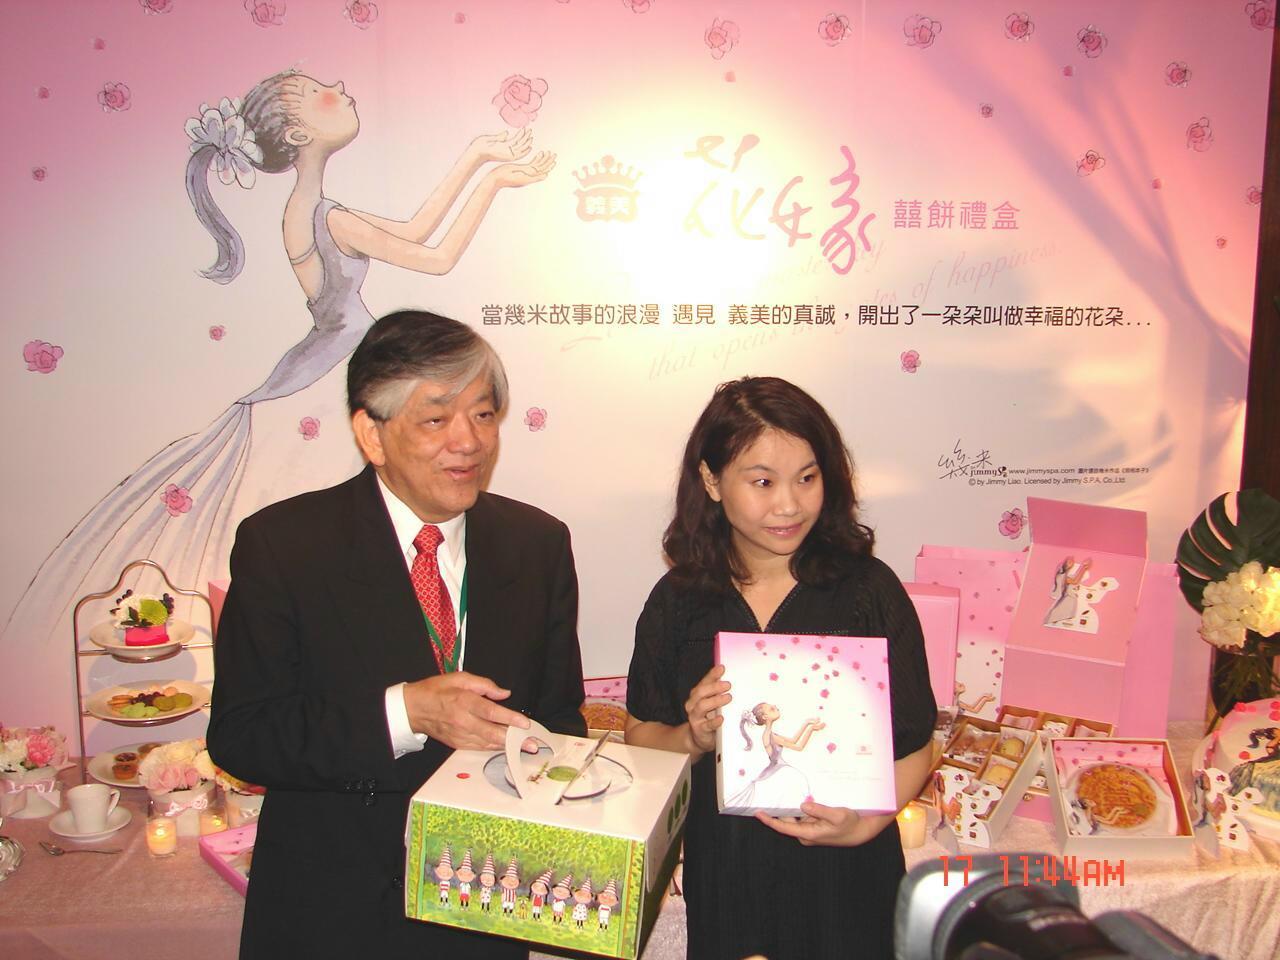 今天一場企業與文創品牌「牽手」發表會上,台灣食品龍頭義美與幾米品牌合作推出一系列新品,將幾米作品的清新、浪漫風格與義美最拿手的甜點食品作最...